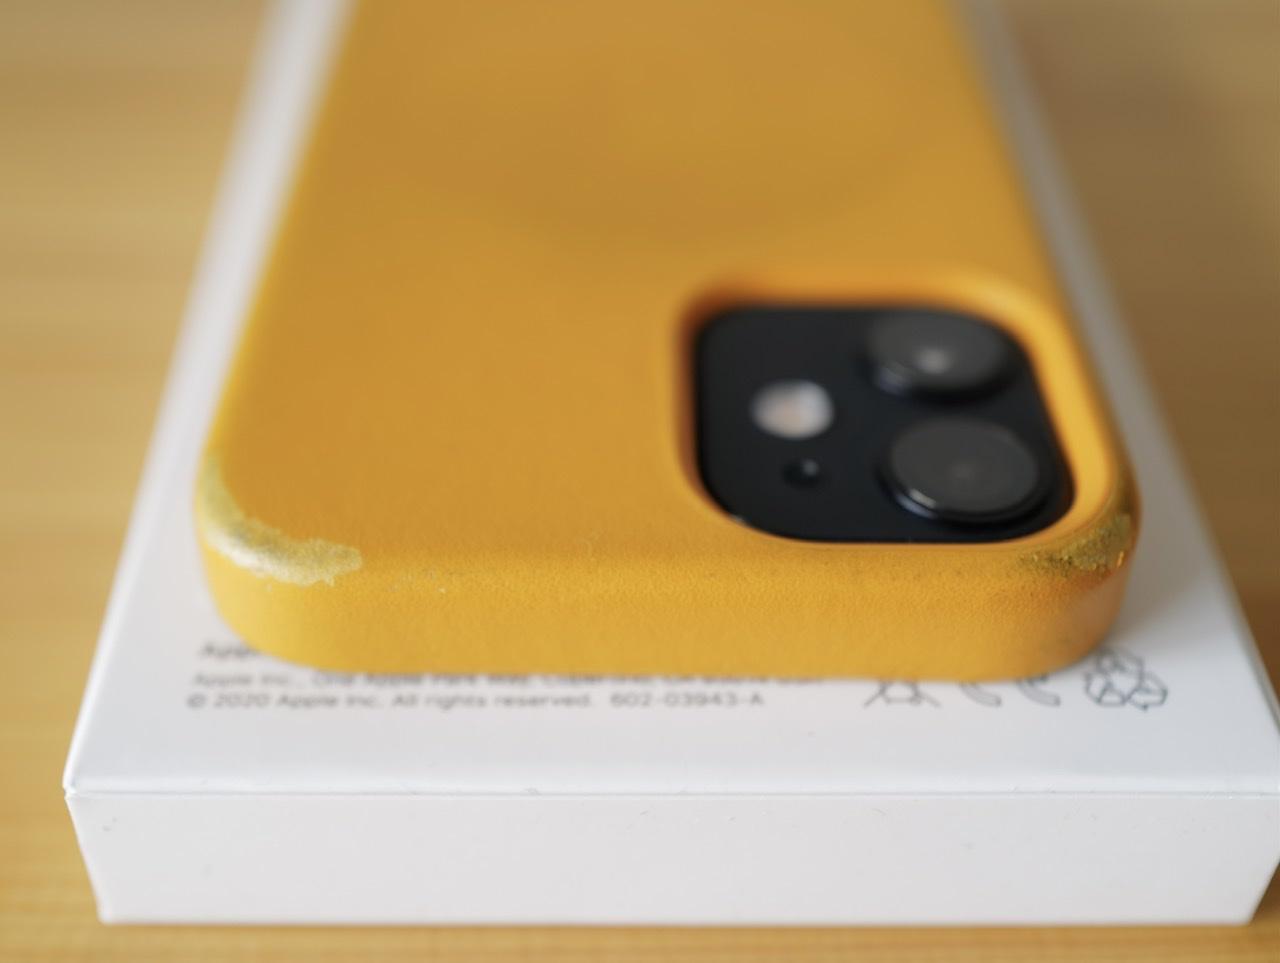 8ヶ月 iPhone 12 mini 純正レザーケース ダメージ 角